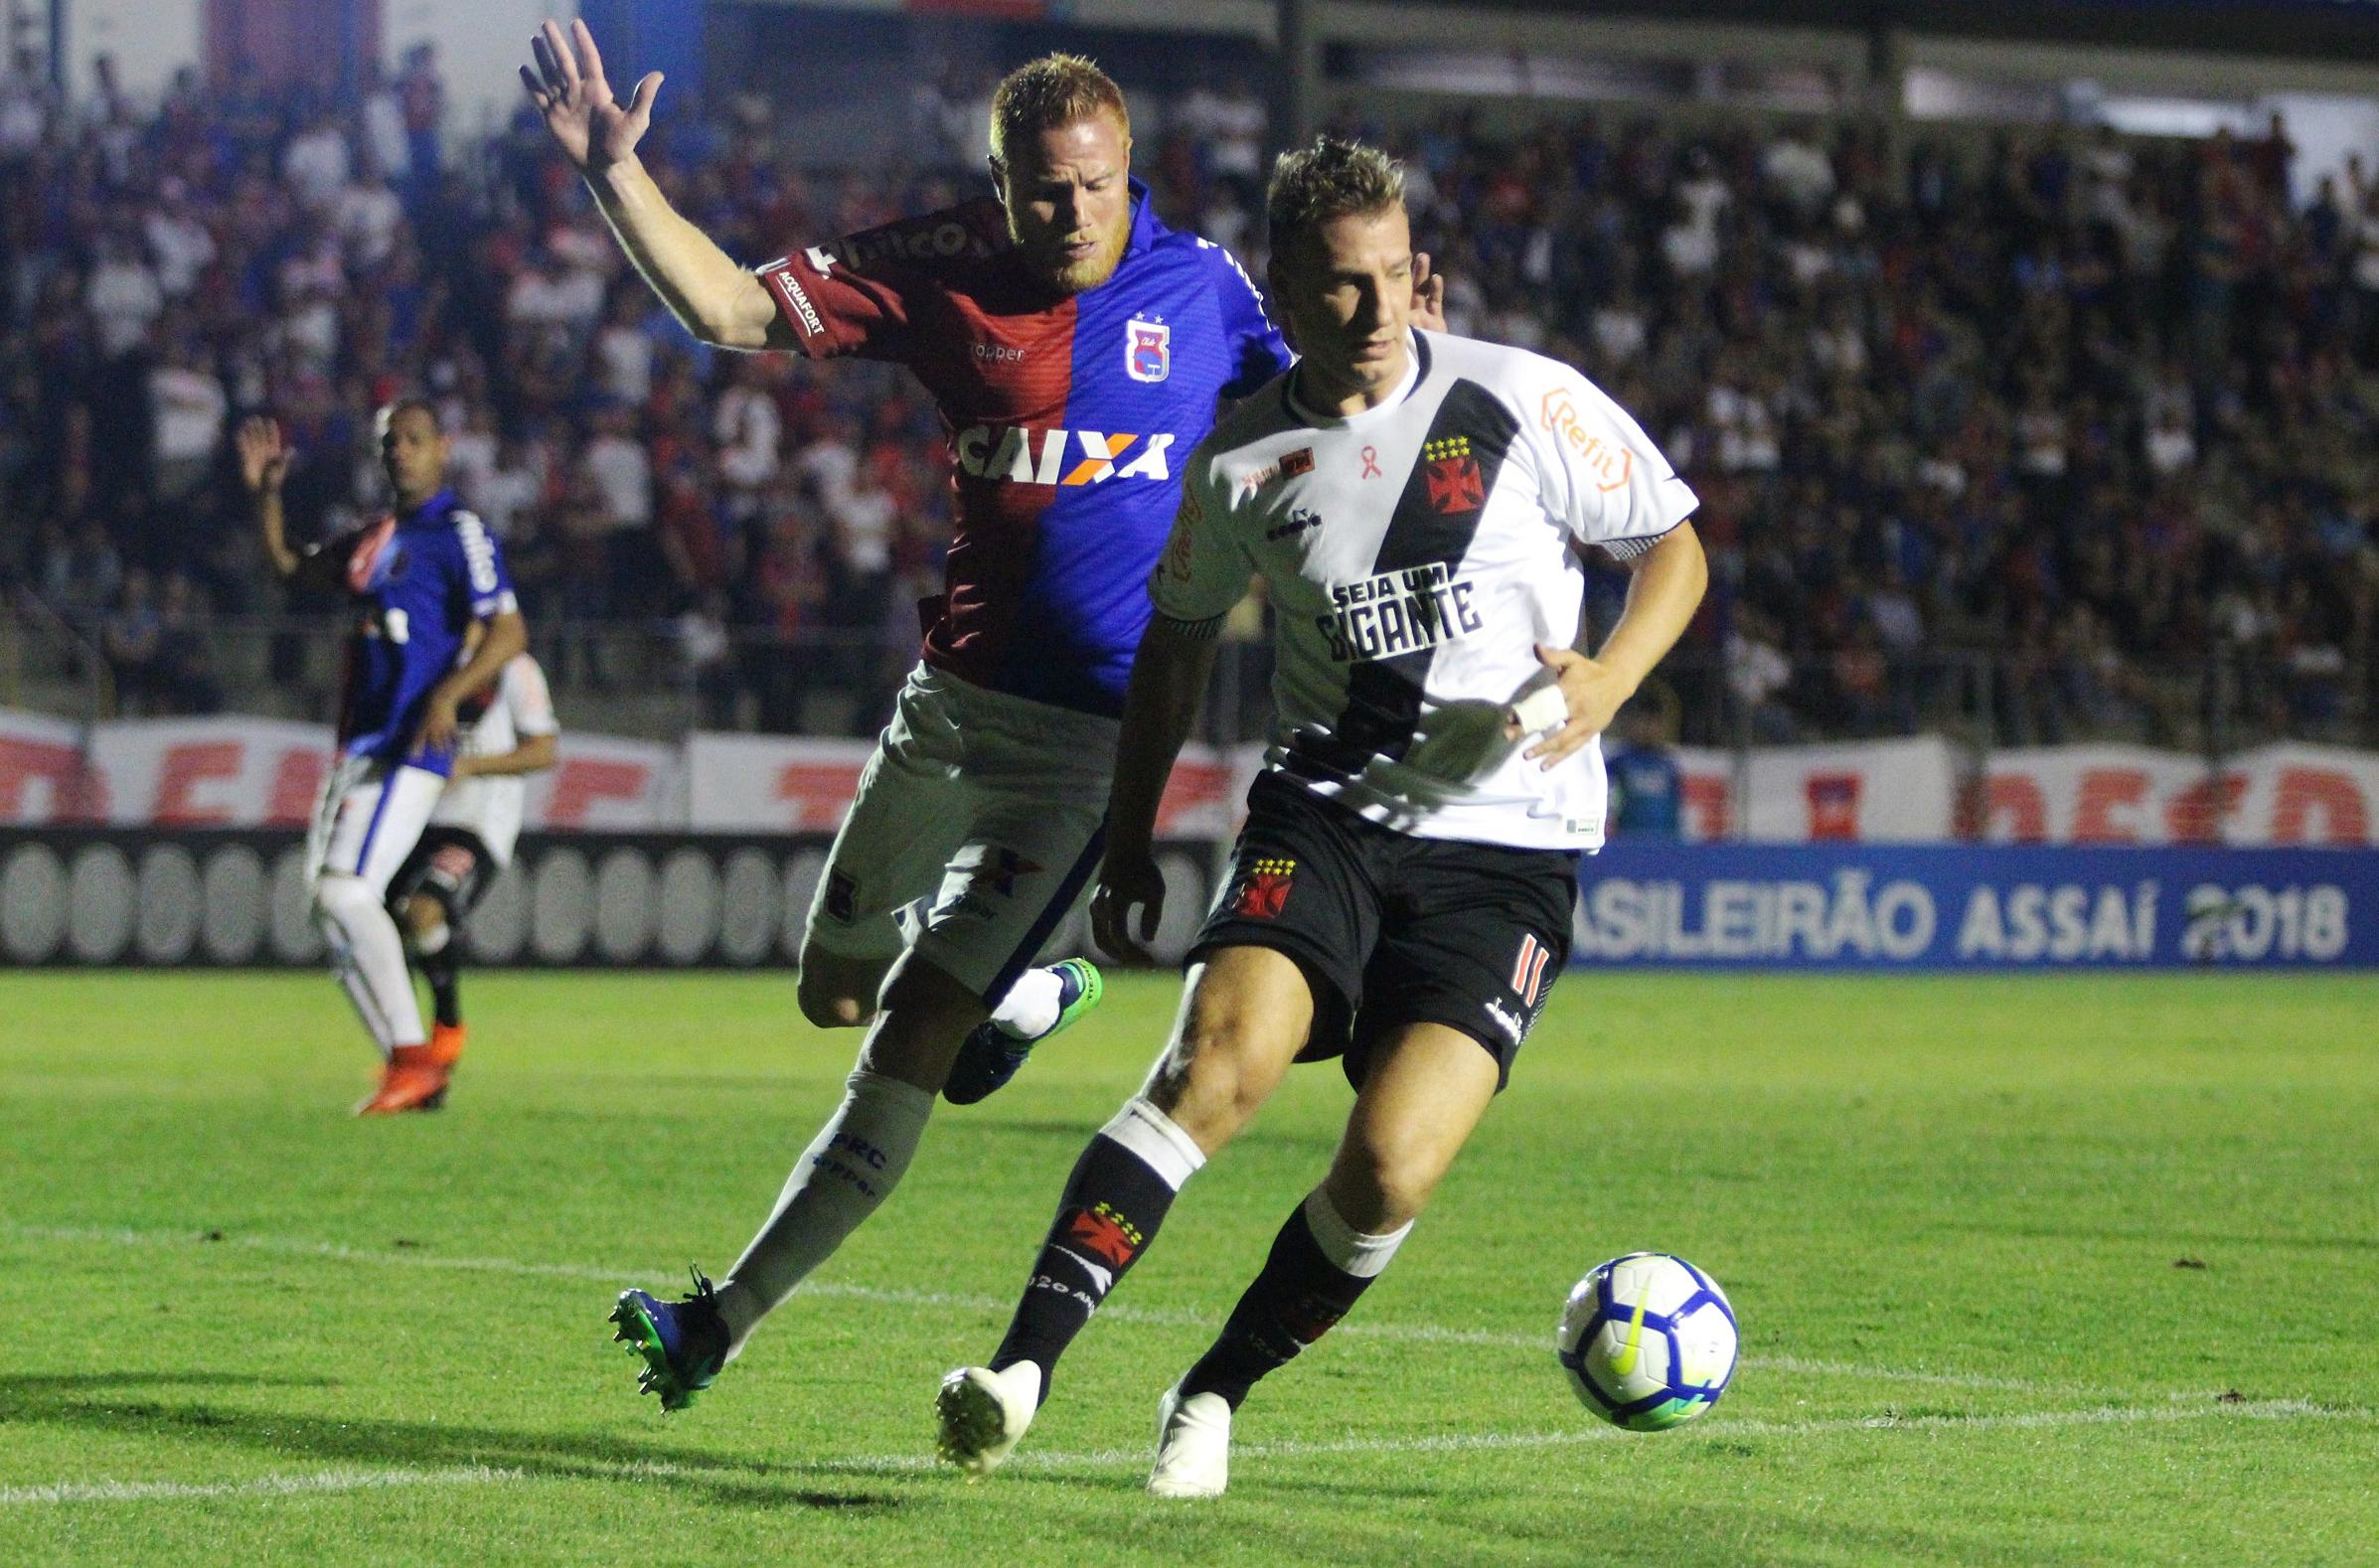 Maxi López, apesar do empate frustrante do Vasco contra o Paraná, garantiu que não há motivos para desespero na equipe.